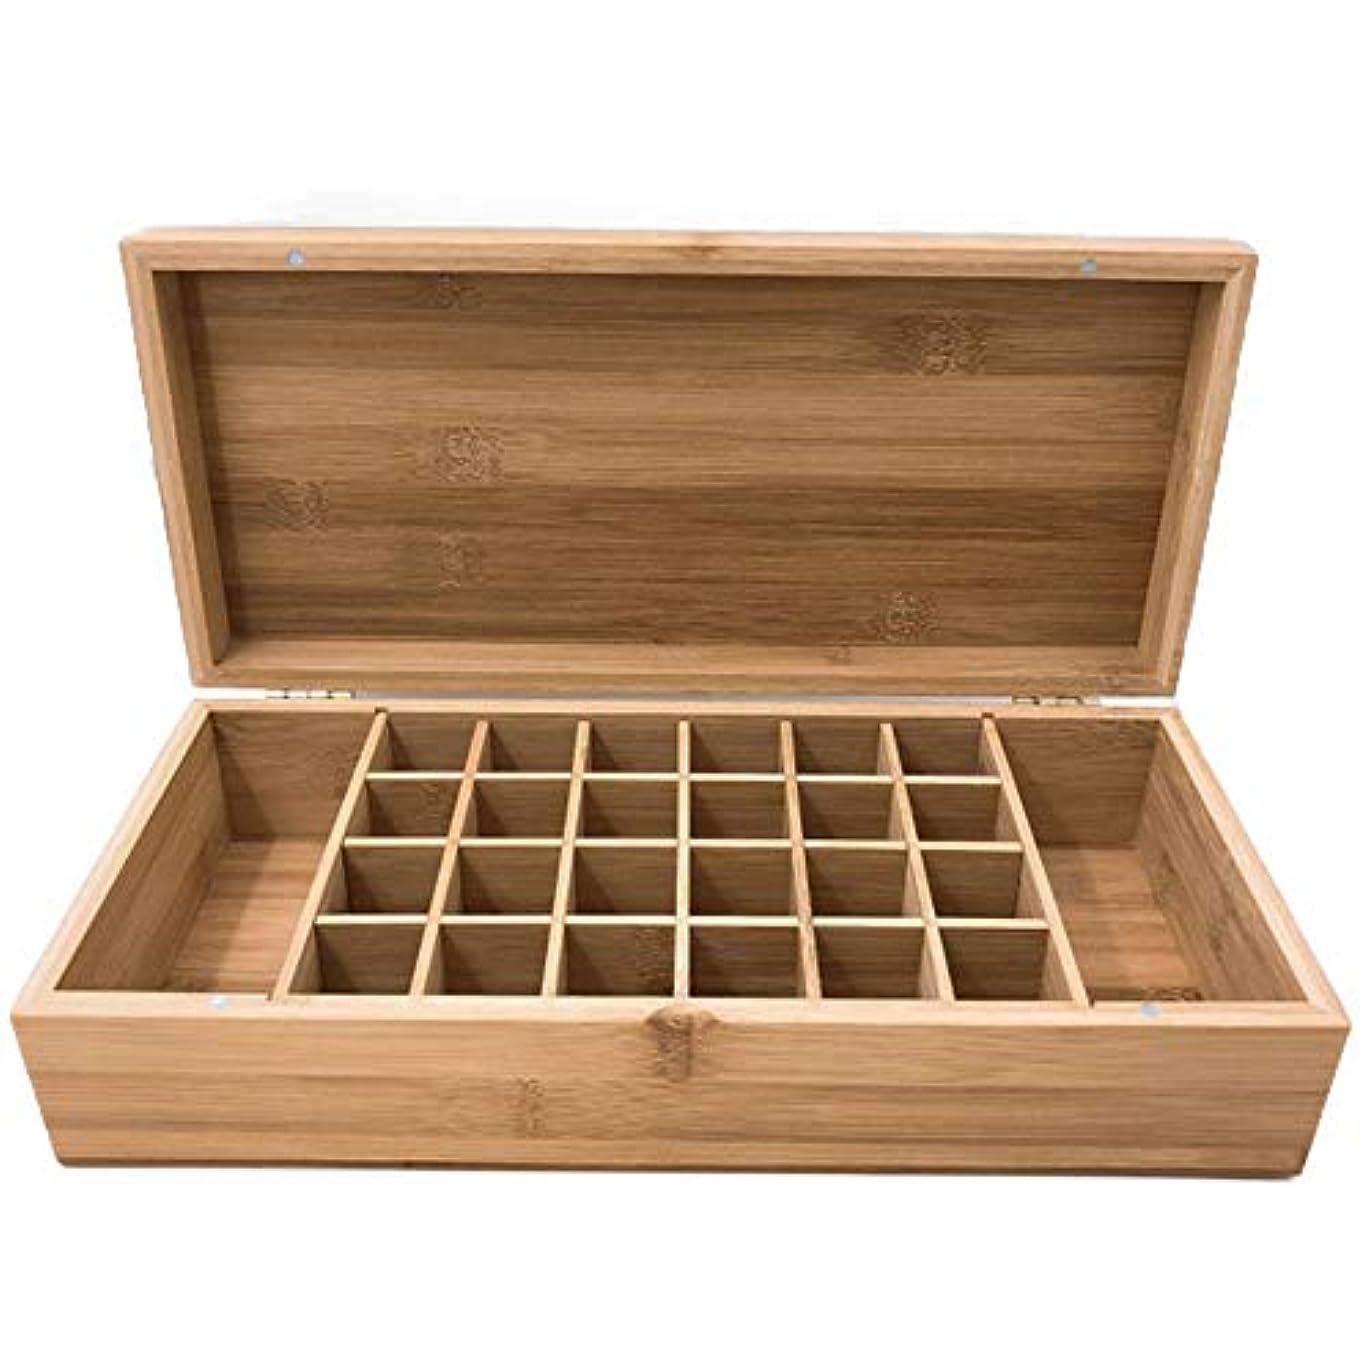 シーサイド救い一般的に言えばエッセンシャルオイル収納ボックス エッセンシャルオイルストレージボックスアロマセラピー油ボトル33.5x15x8.3cmのために26個のスロット木製主催キャリングケース (色 : Natural, サイズ : 33.5X15X8.3CM)